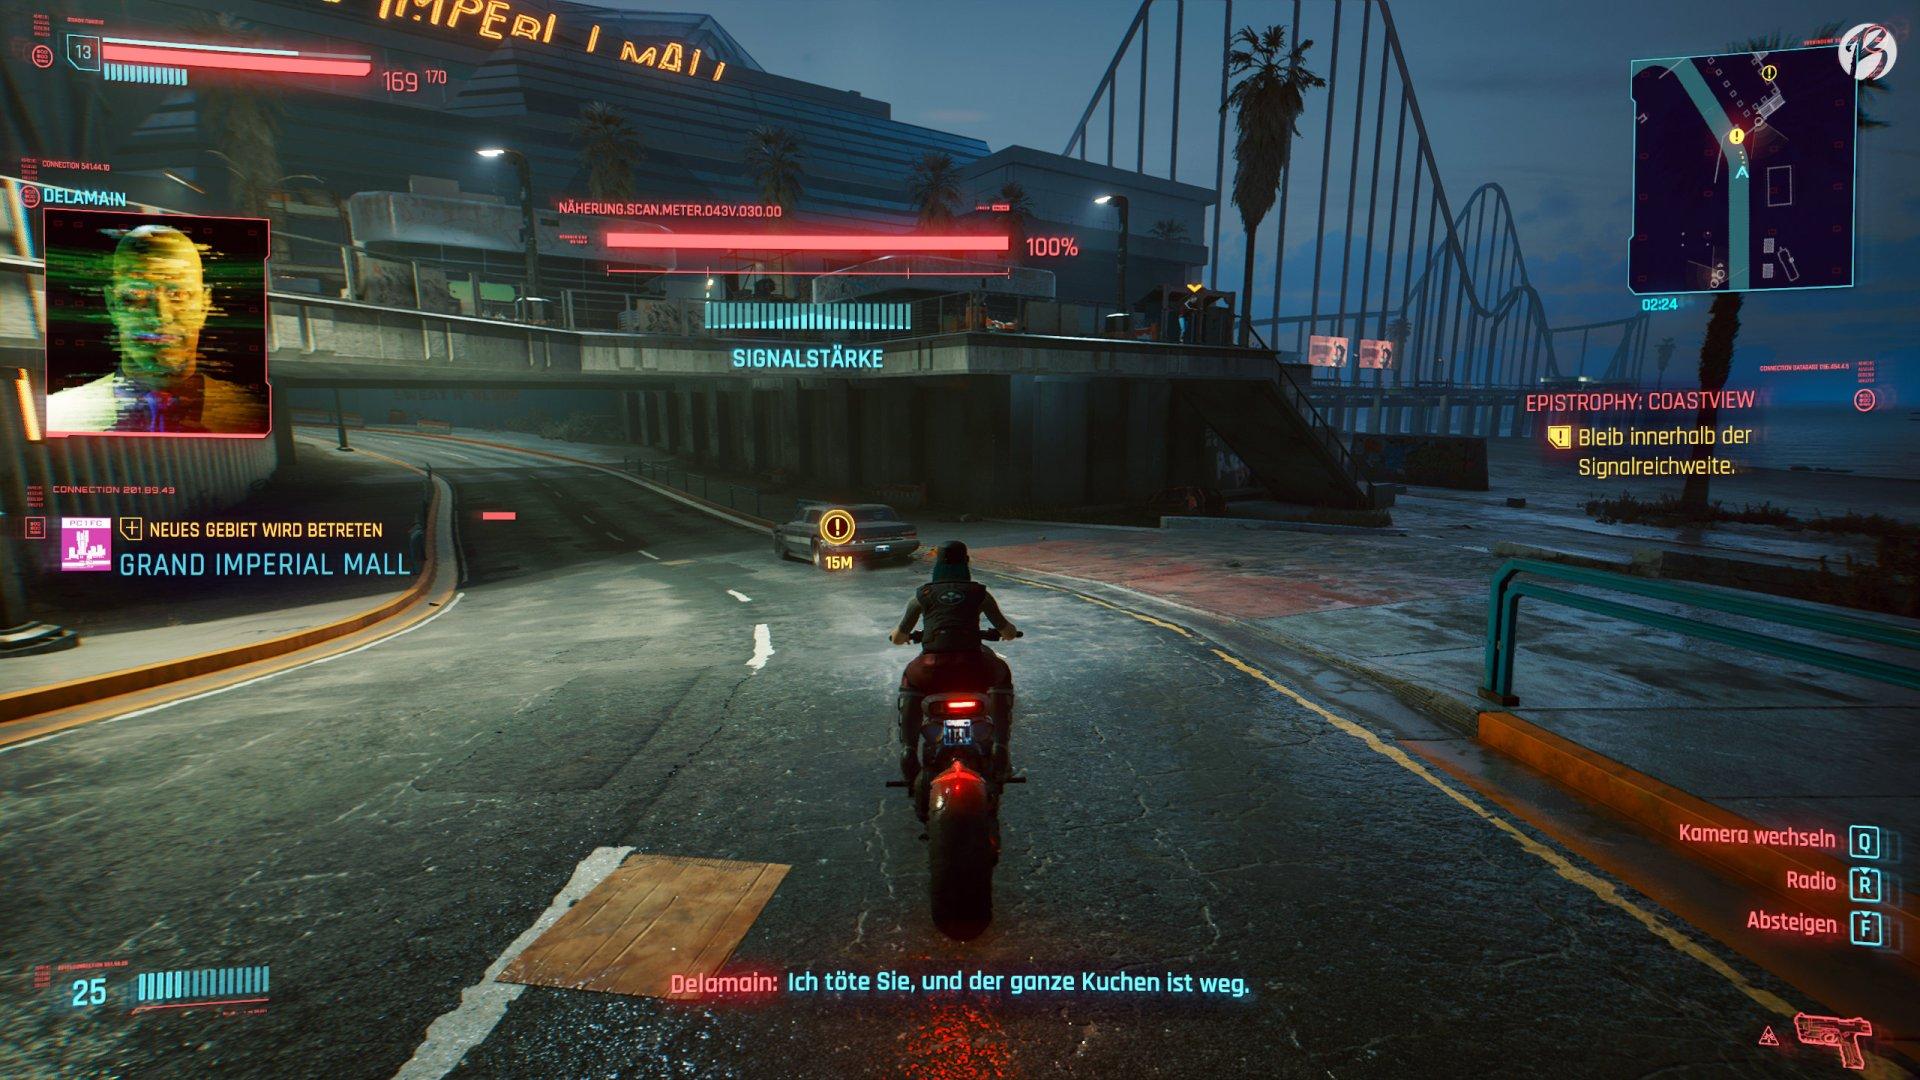 Cyberpunk 2077 - Taxi mit GLaDOS Stimme